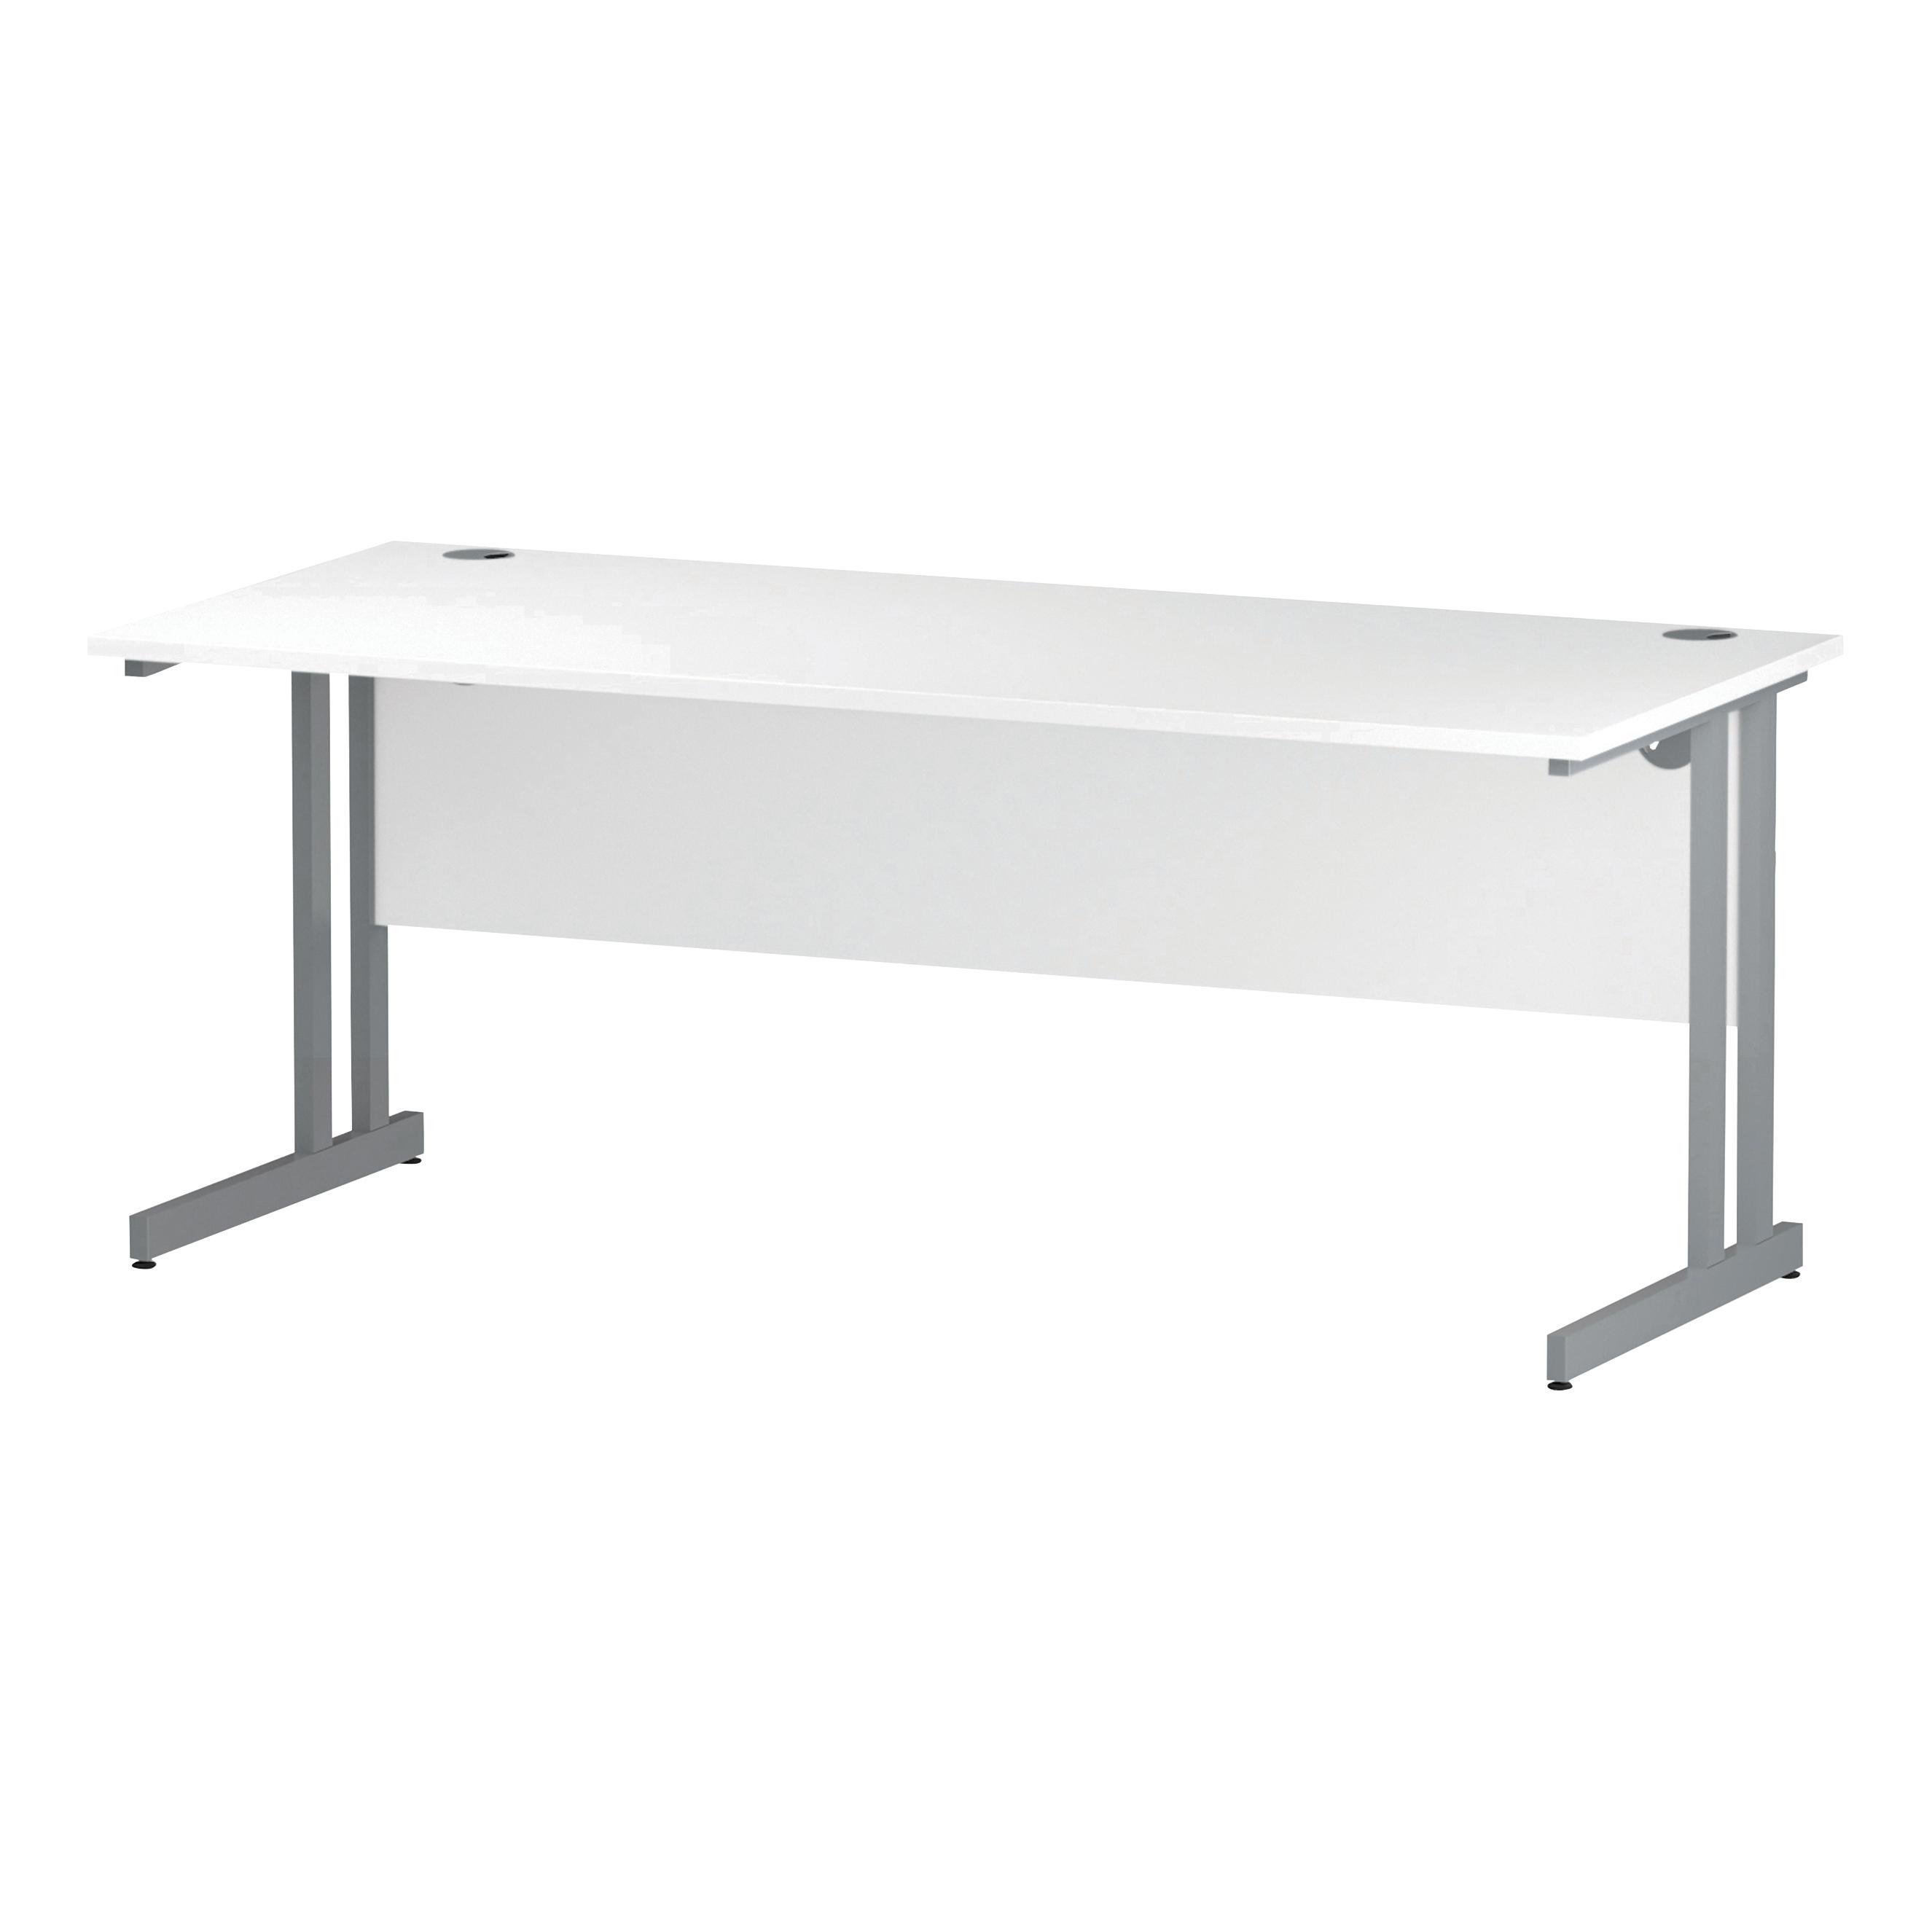 Trexus Rectangular Slim Desk Silver Cantilever Leg 1800x600mm White Ref I002199